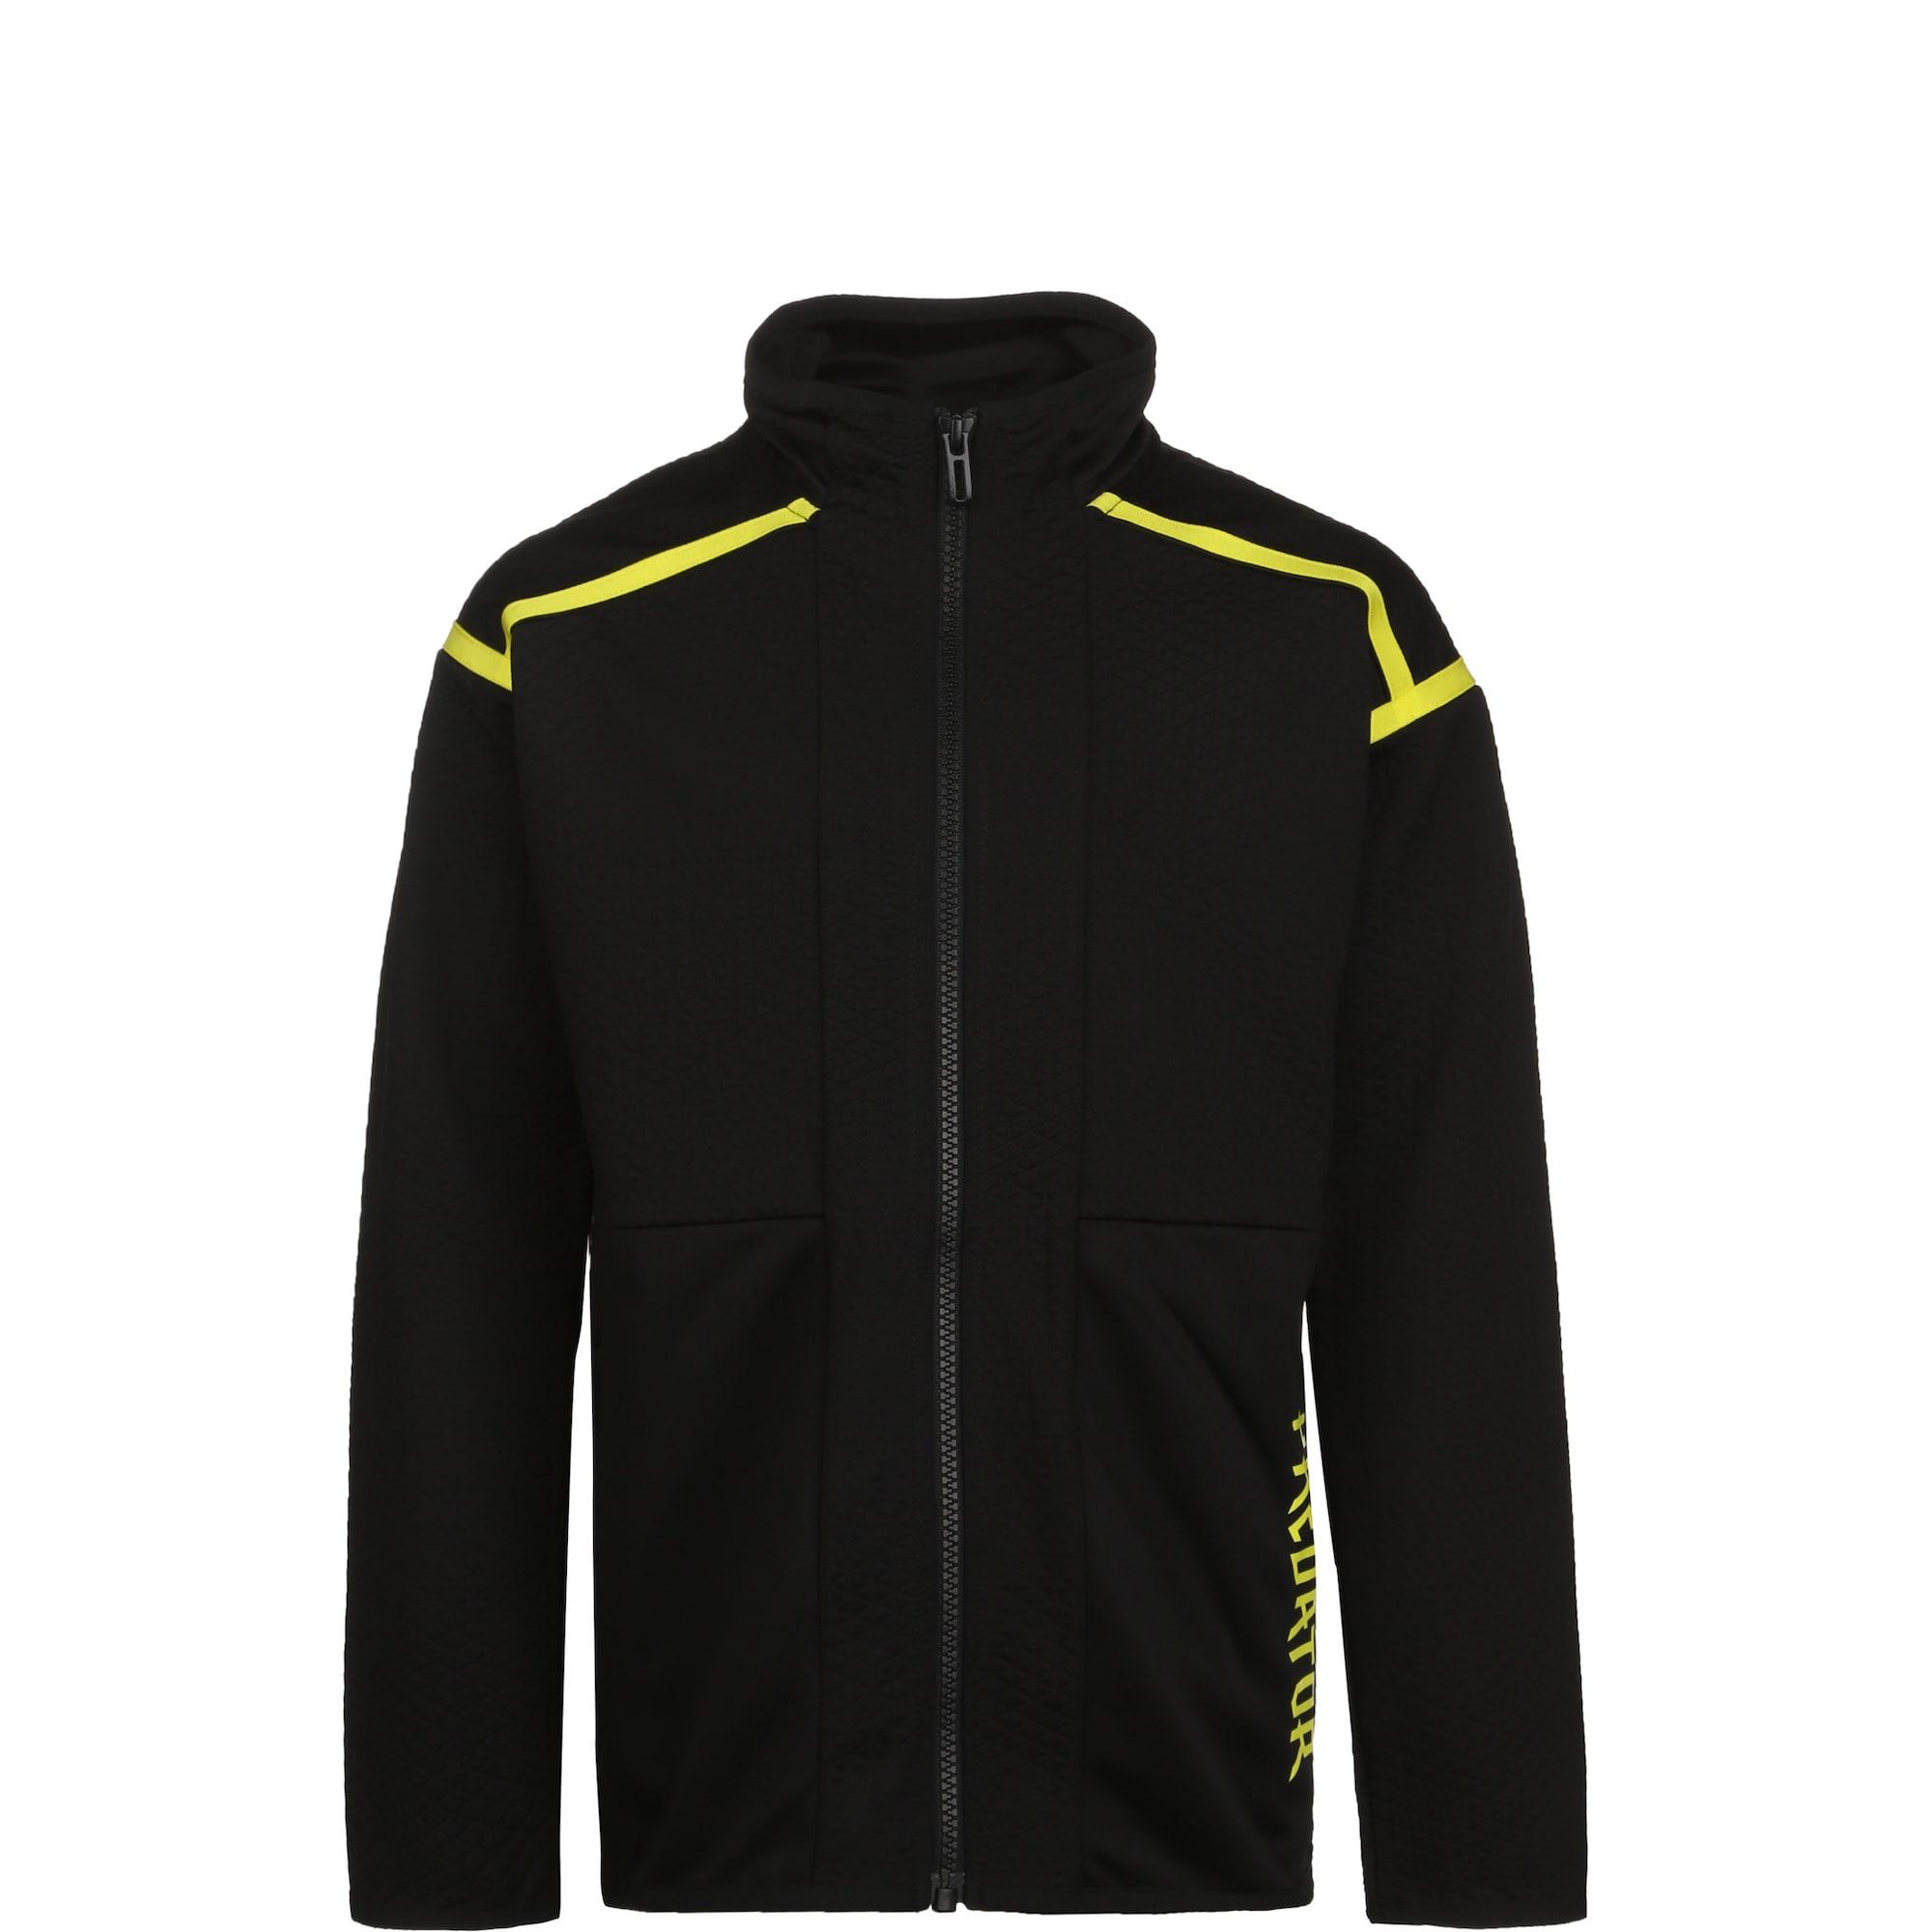 ADIDAS PERFORMANCE Sportinė striukė 'Predator' juoda / geltona